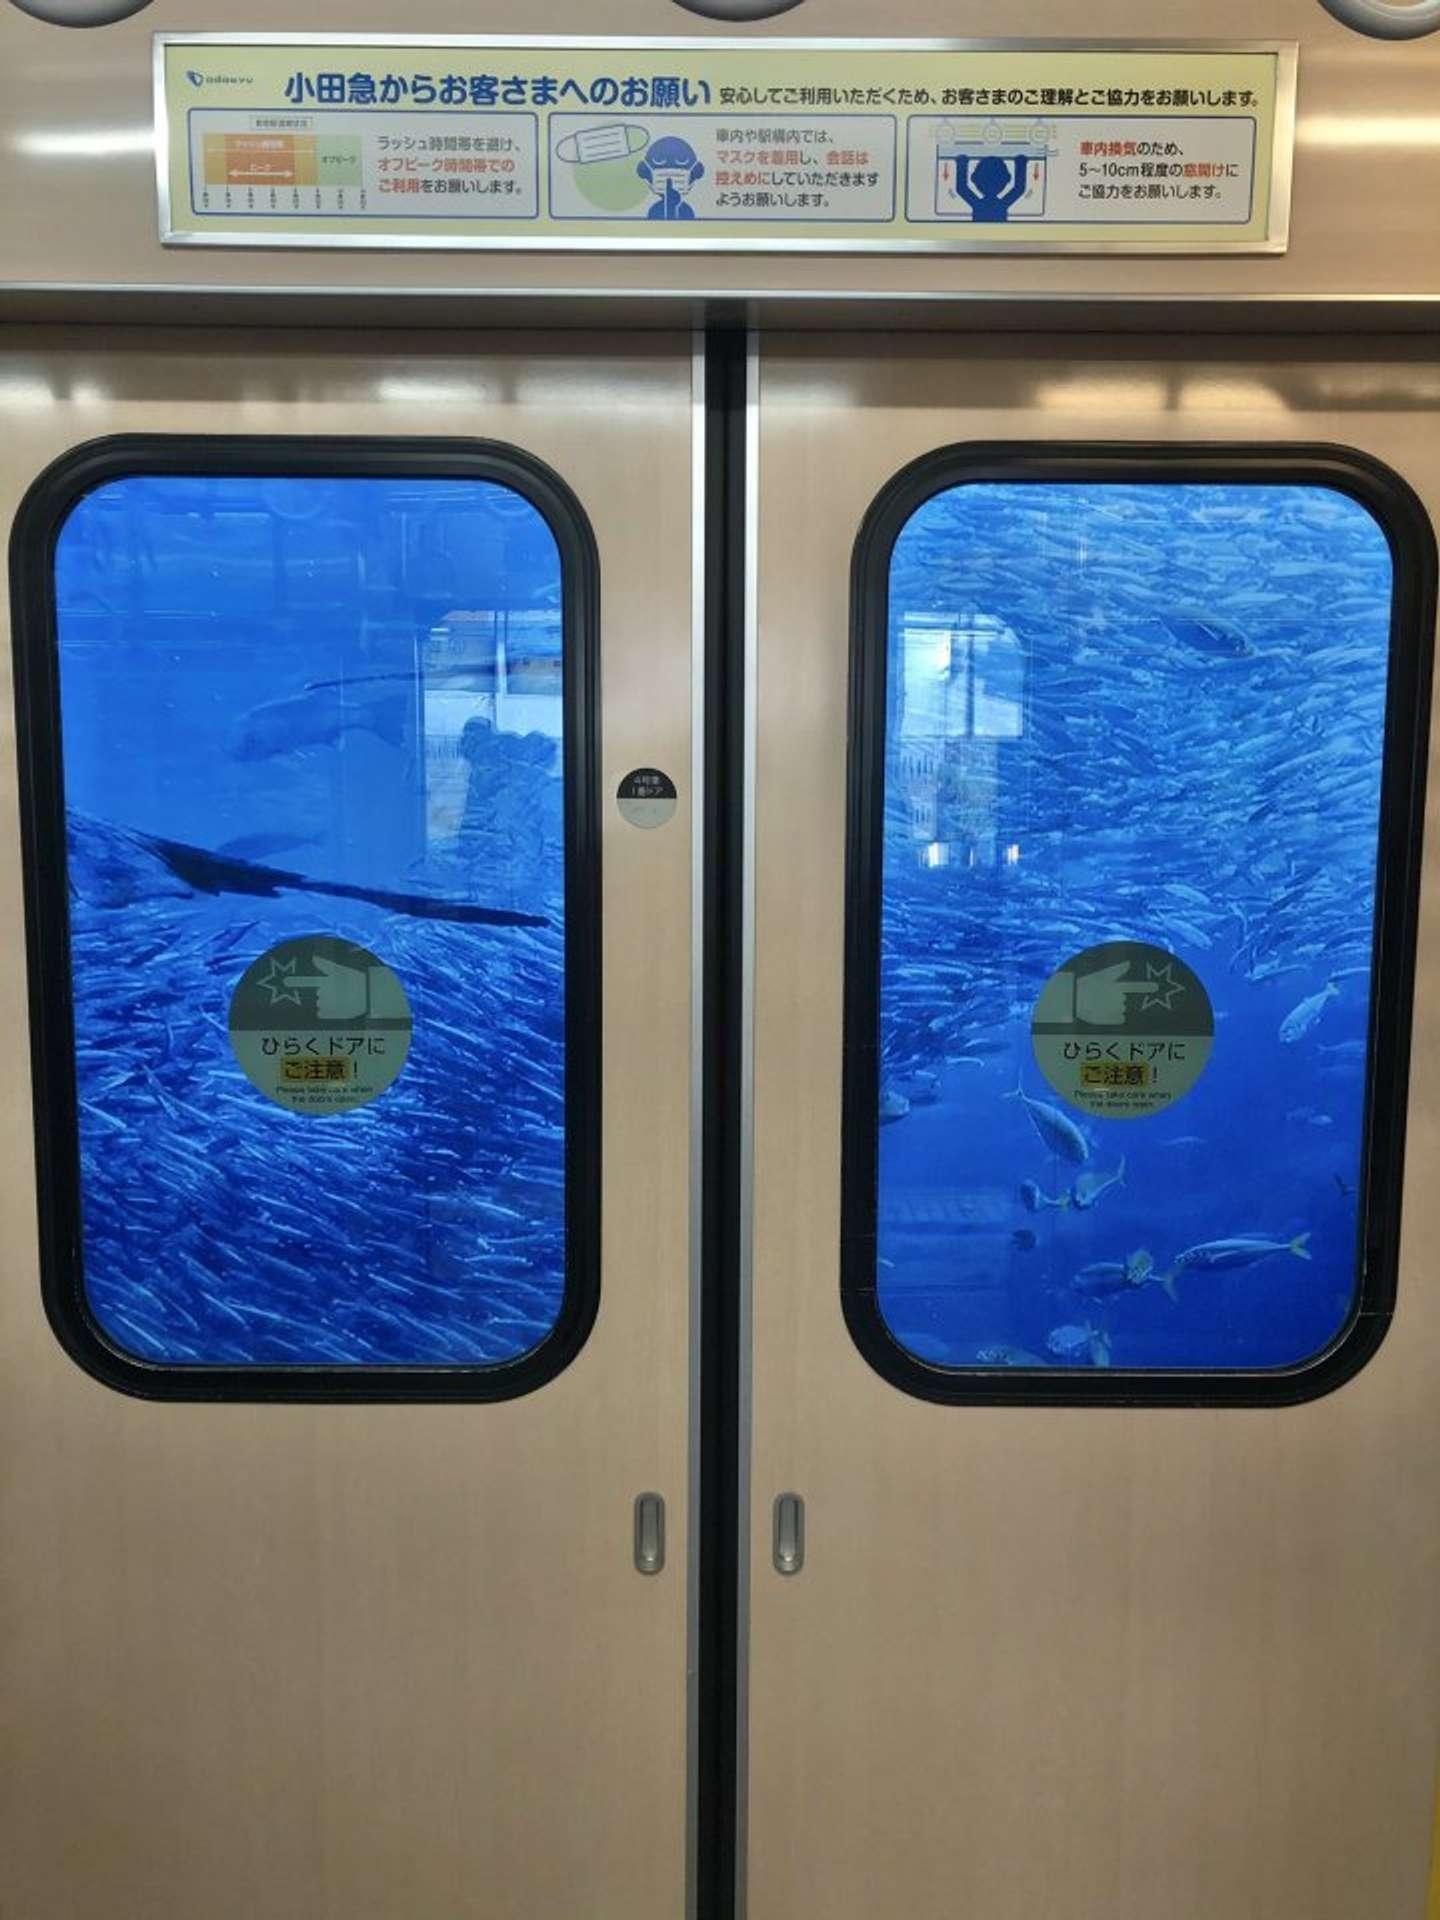 う、海の中に電車が!?(画像は江ノ島さんぽちゃん@enoshimasanpoさんのツイートより)